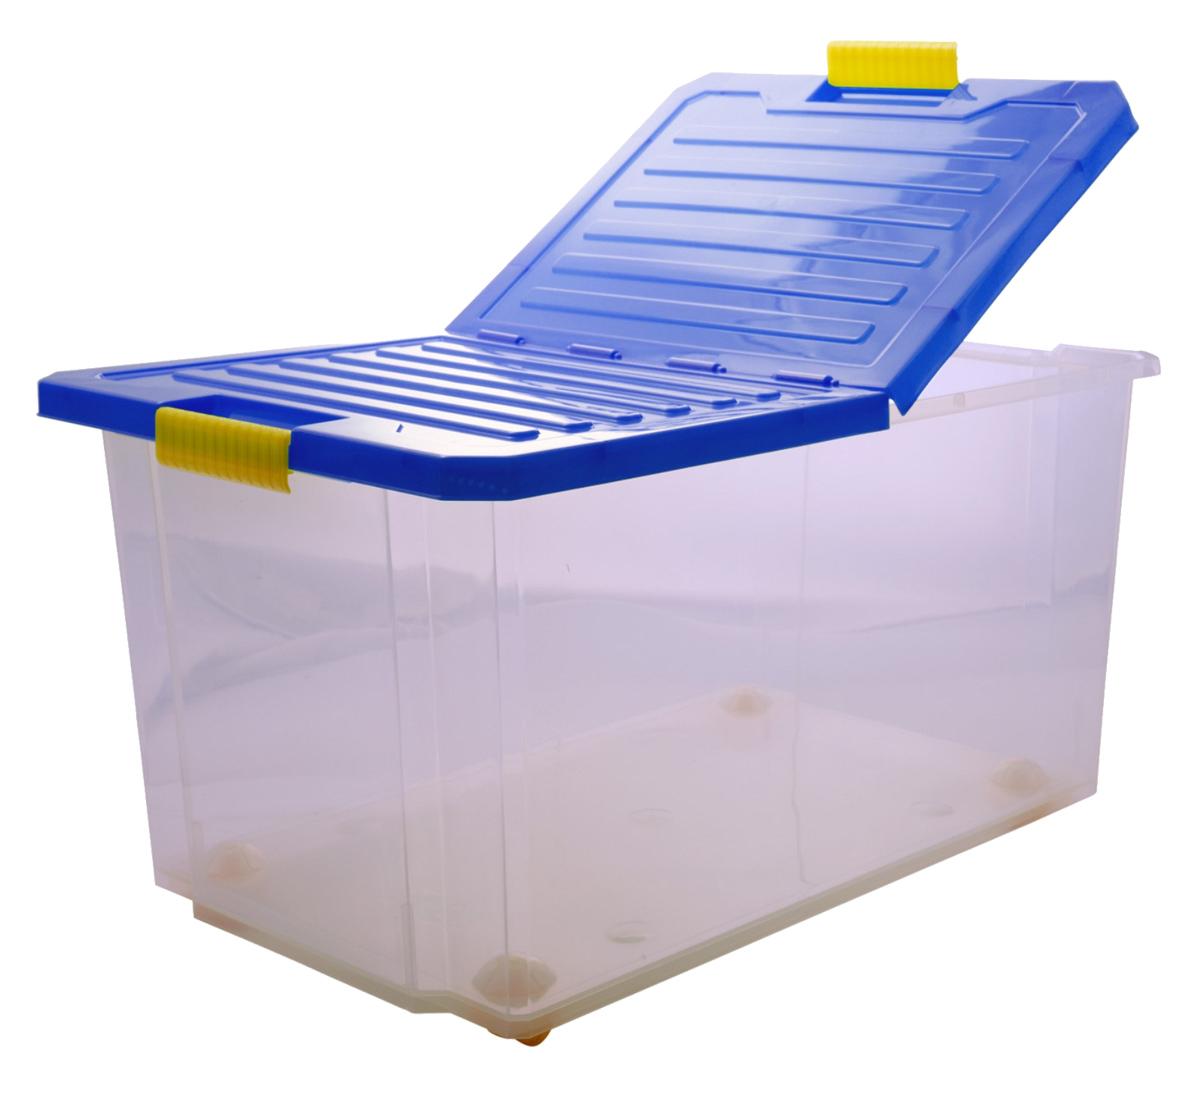 Ящик для хранения BranQ Unibox, на колесиках, цвет: синий, прозрачный, 57 лRG-D31SУниверсальный ящик для хранения BranQ Unibox, выполненный из прочного пластика, поможет правильно организовать пространство в доме и сэкономить место. В нем можно хранить все, что угодно: одежду, обувь, детские игрушки и многое другое. Прочный каркас ящика позволит хранить как легкие вещи, так и переносить собранный урожай овощей или фруктов. Изделие оснащено складной крышкой, которая защитит вещи от пыли, грязи и влаги. С помощью колесиков на дне изделия ящик легко перемещать по комнате. Эргономичные ручки-защелки, позволяют переносить ящик как с крышкой, так и без нее.